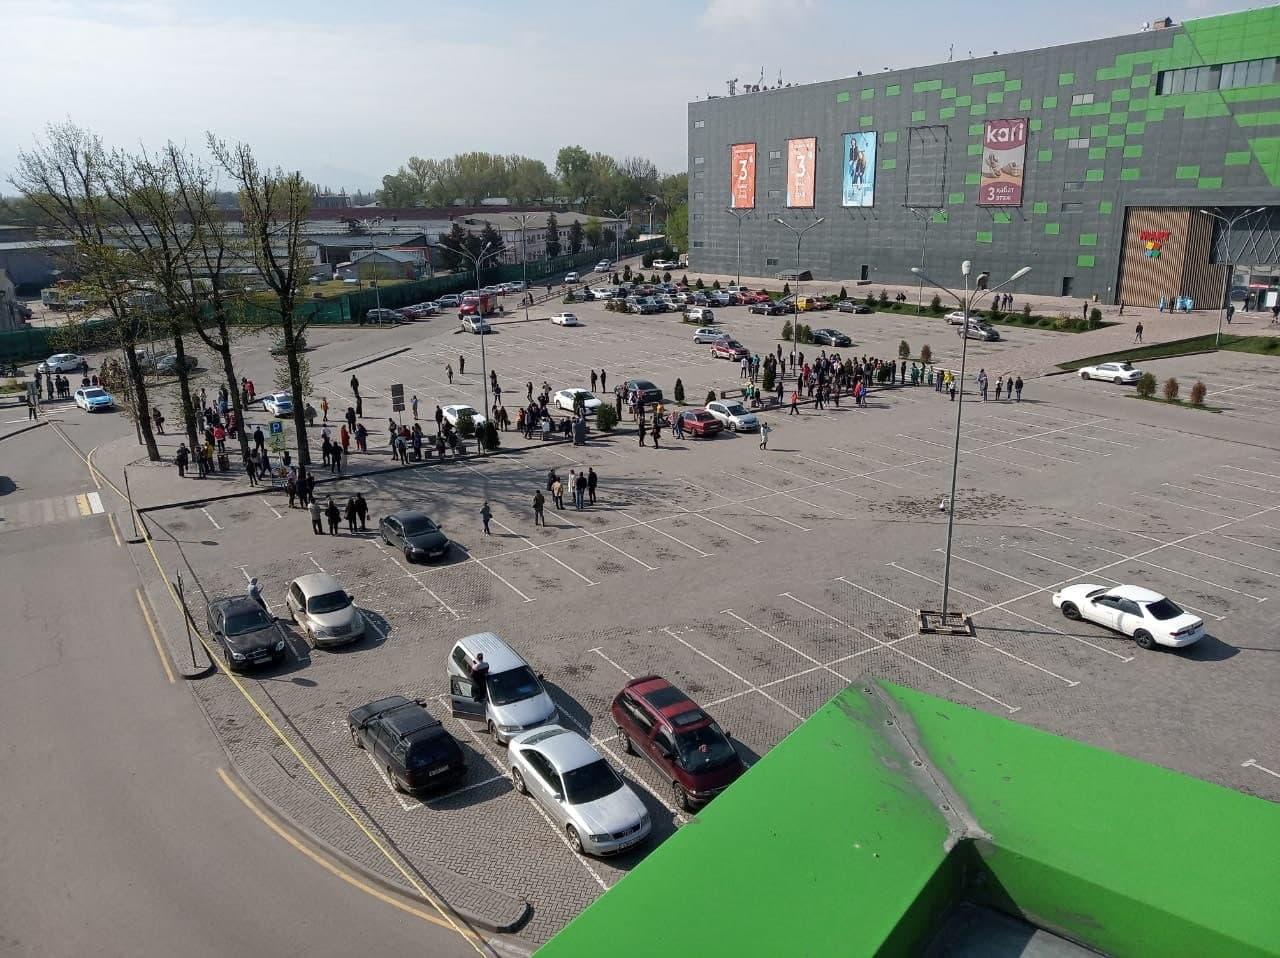 В ТРЦ MART Алматы поступило сообщение о взрывном устройстве